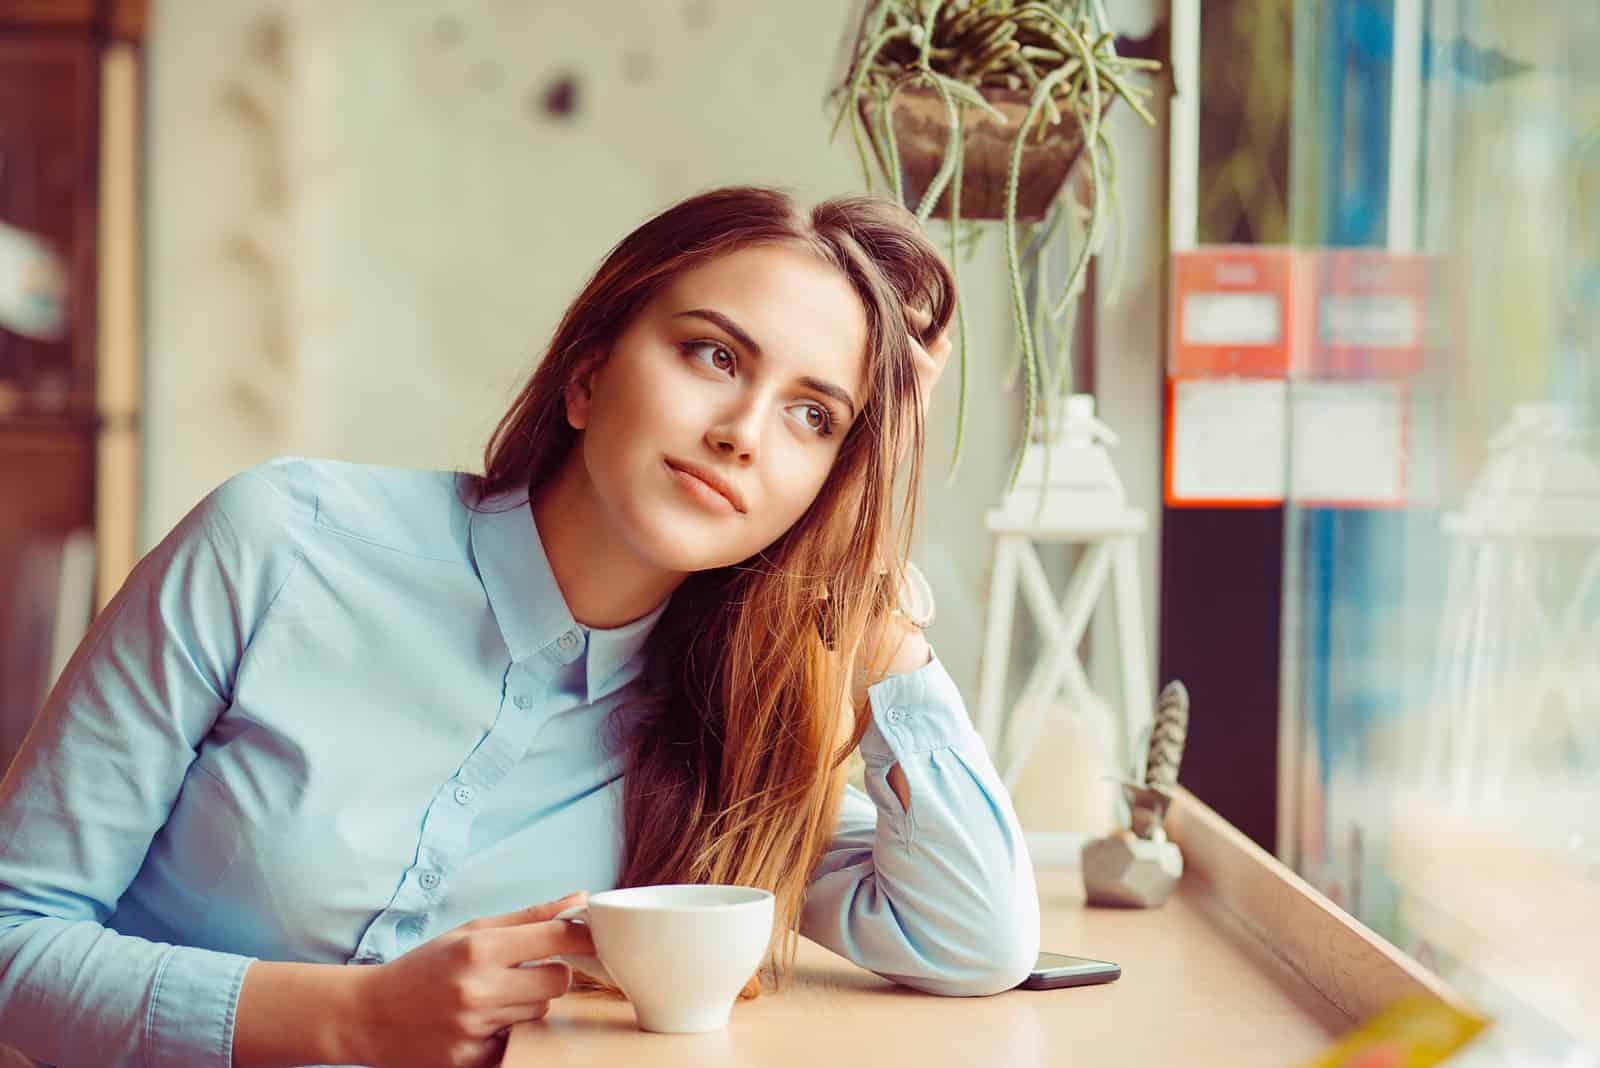 une femme imaginaire est assise et boit du café